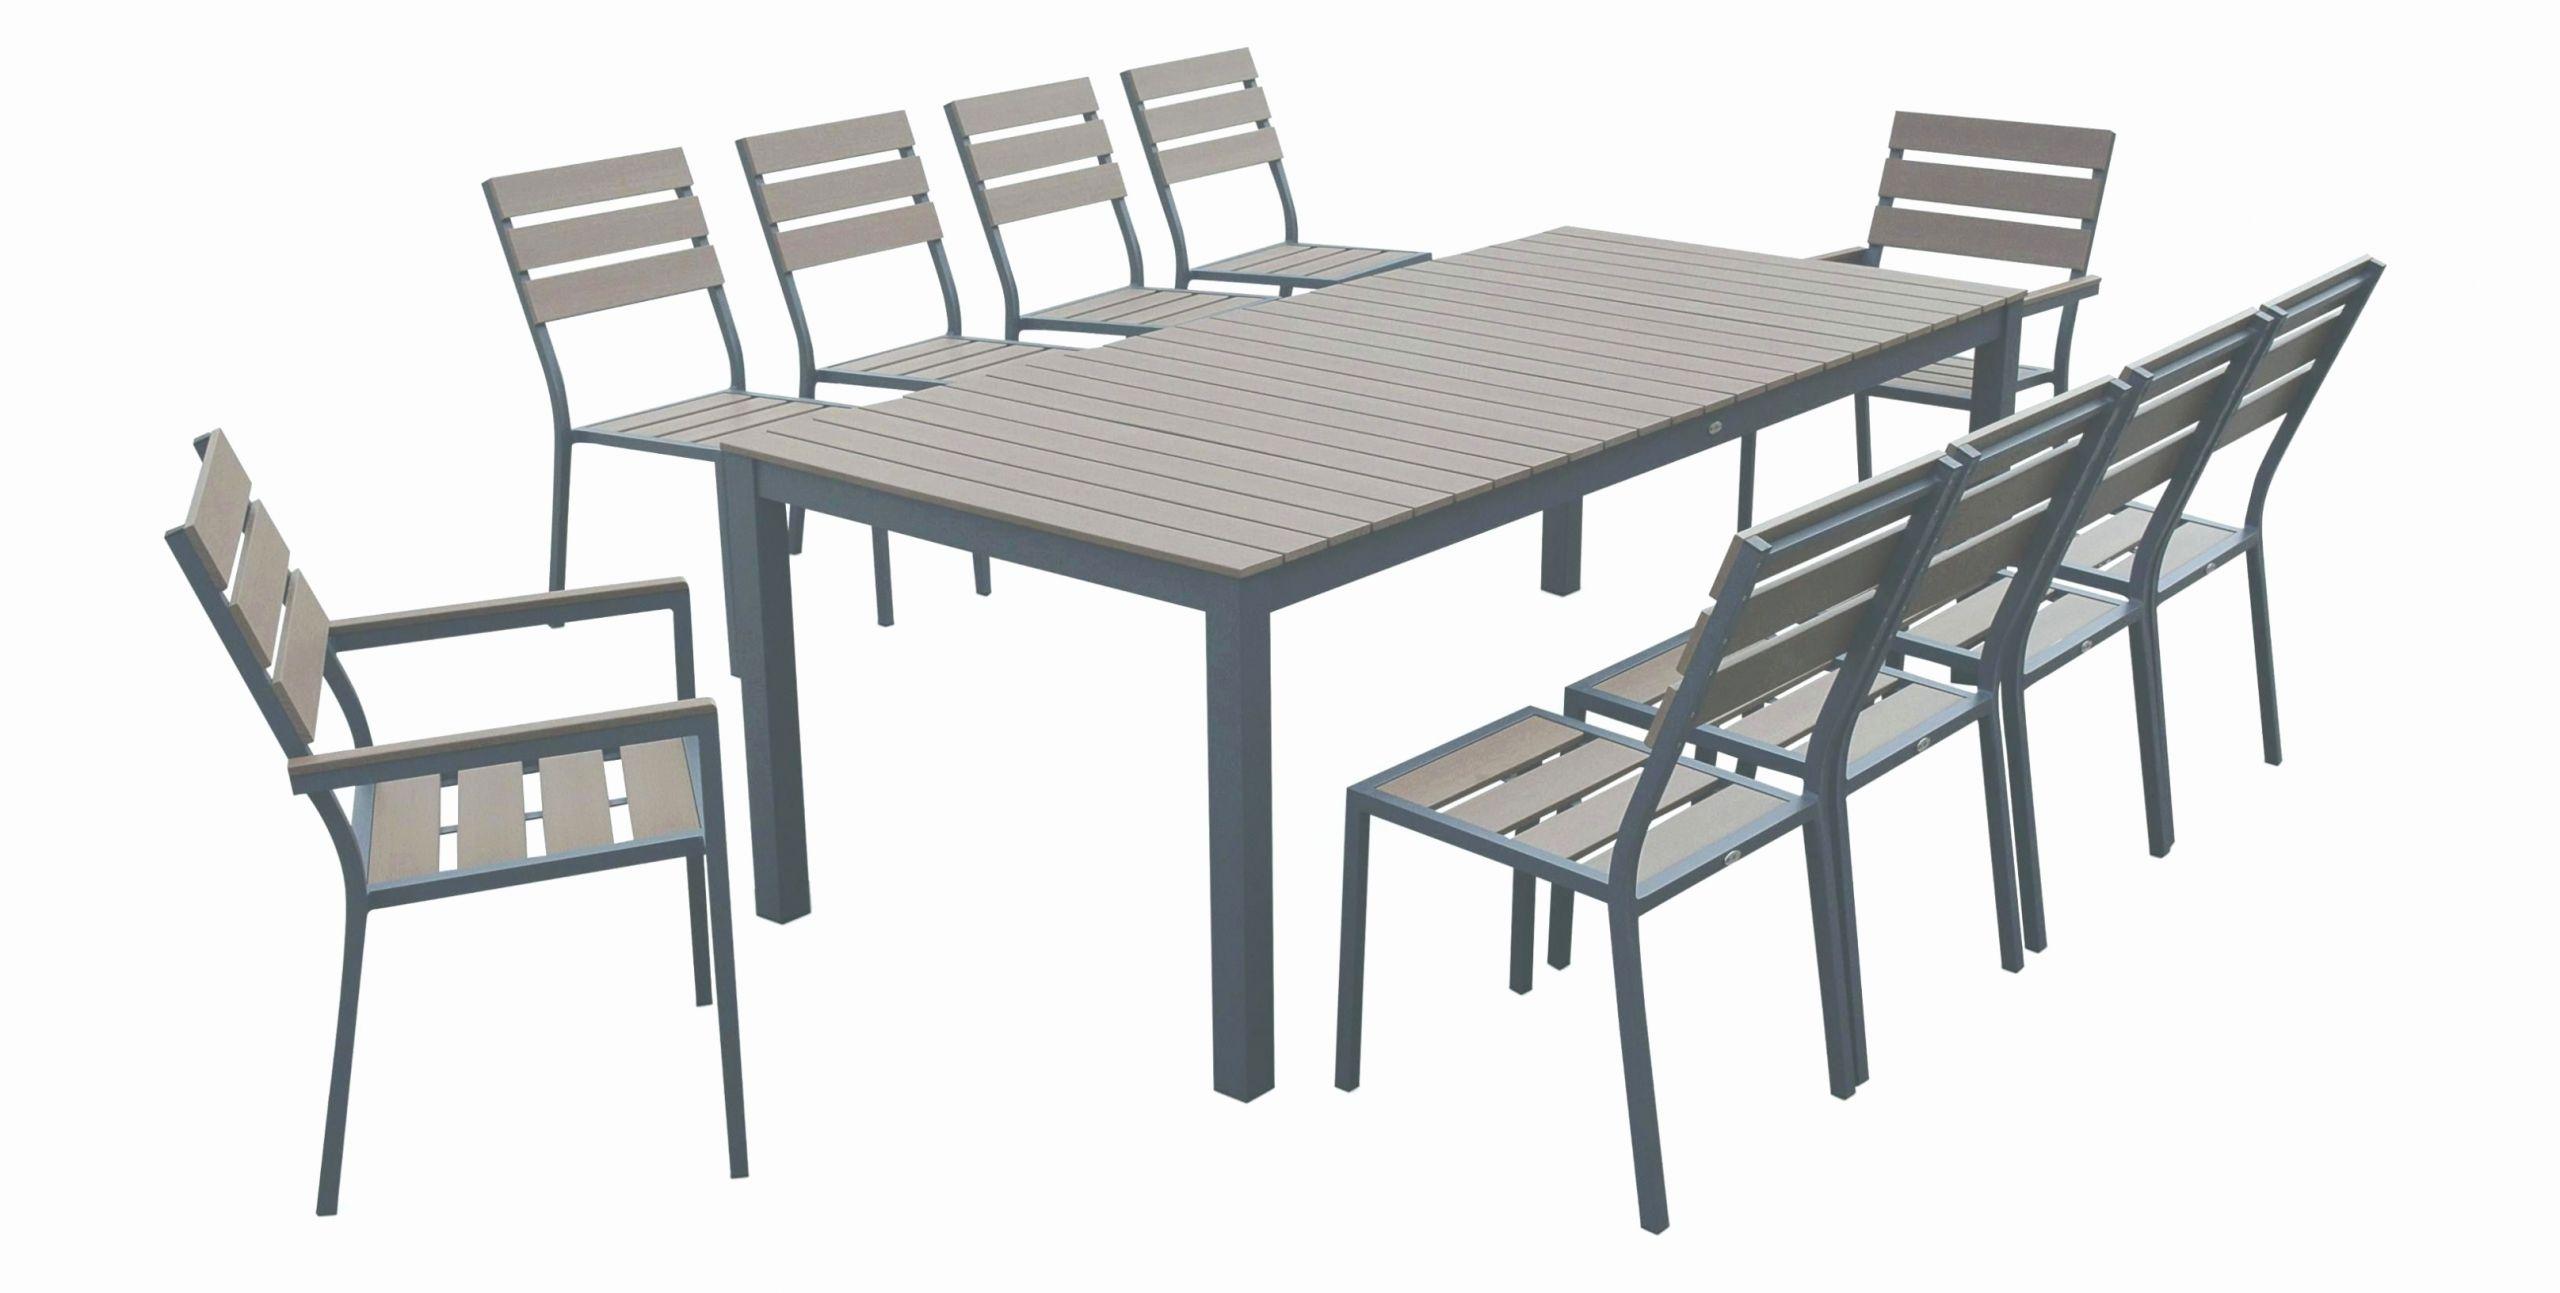 chaise de jardin en metal genial sove chaise jardin fer sovedis aquatabs of chaise de jardin en metal